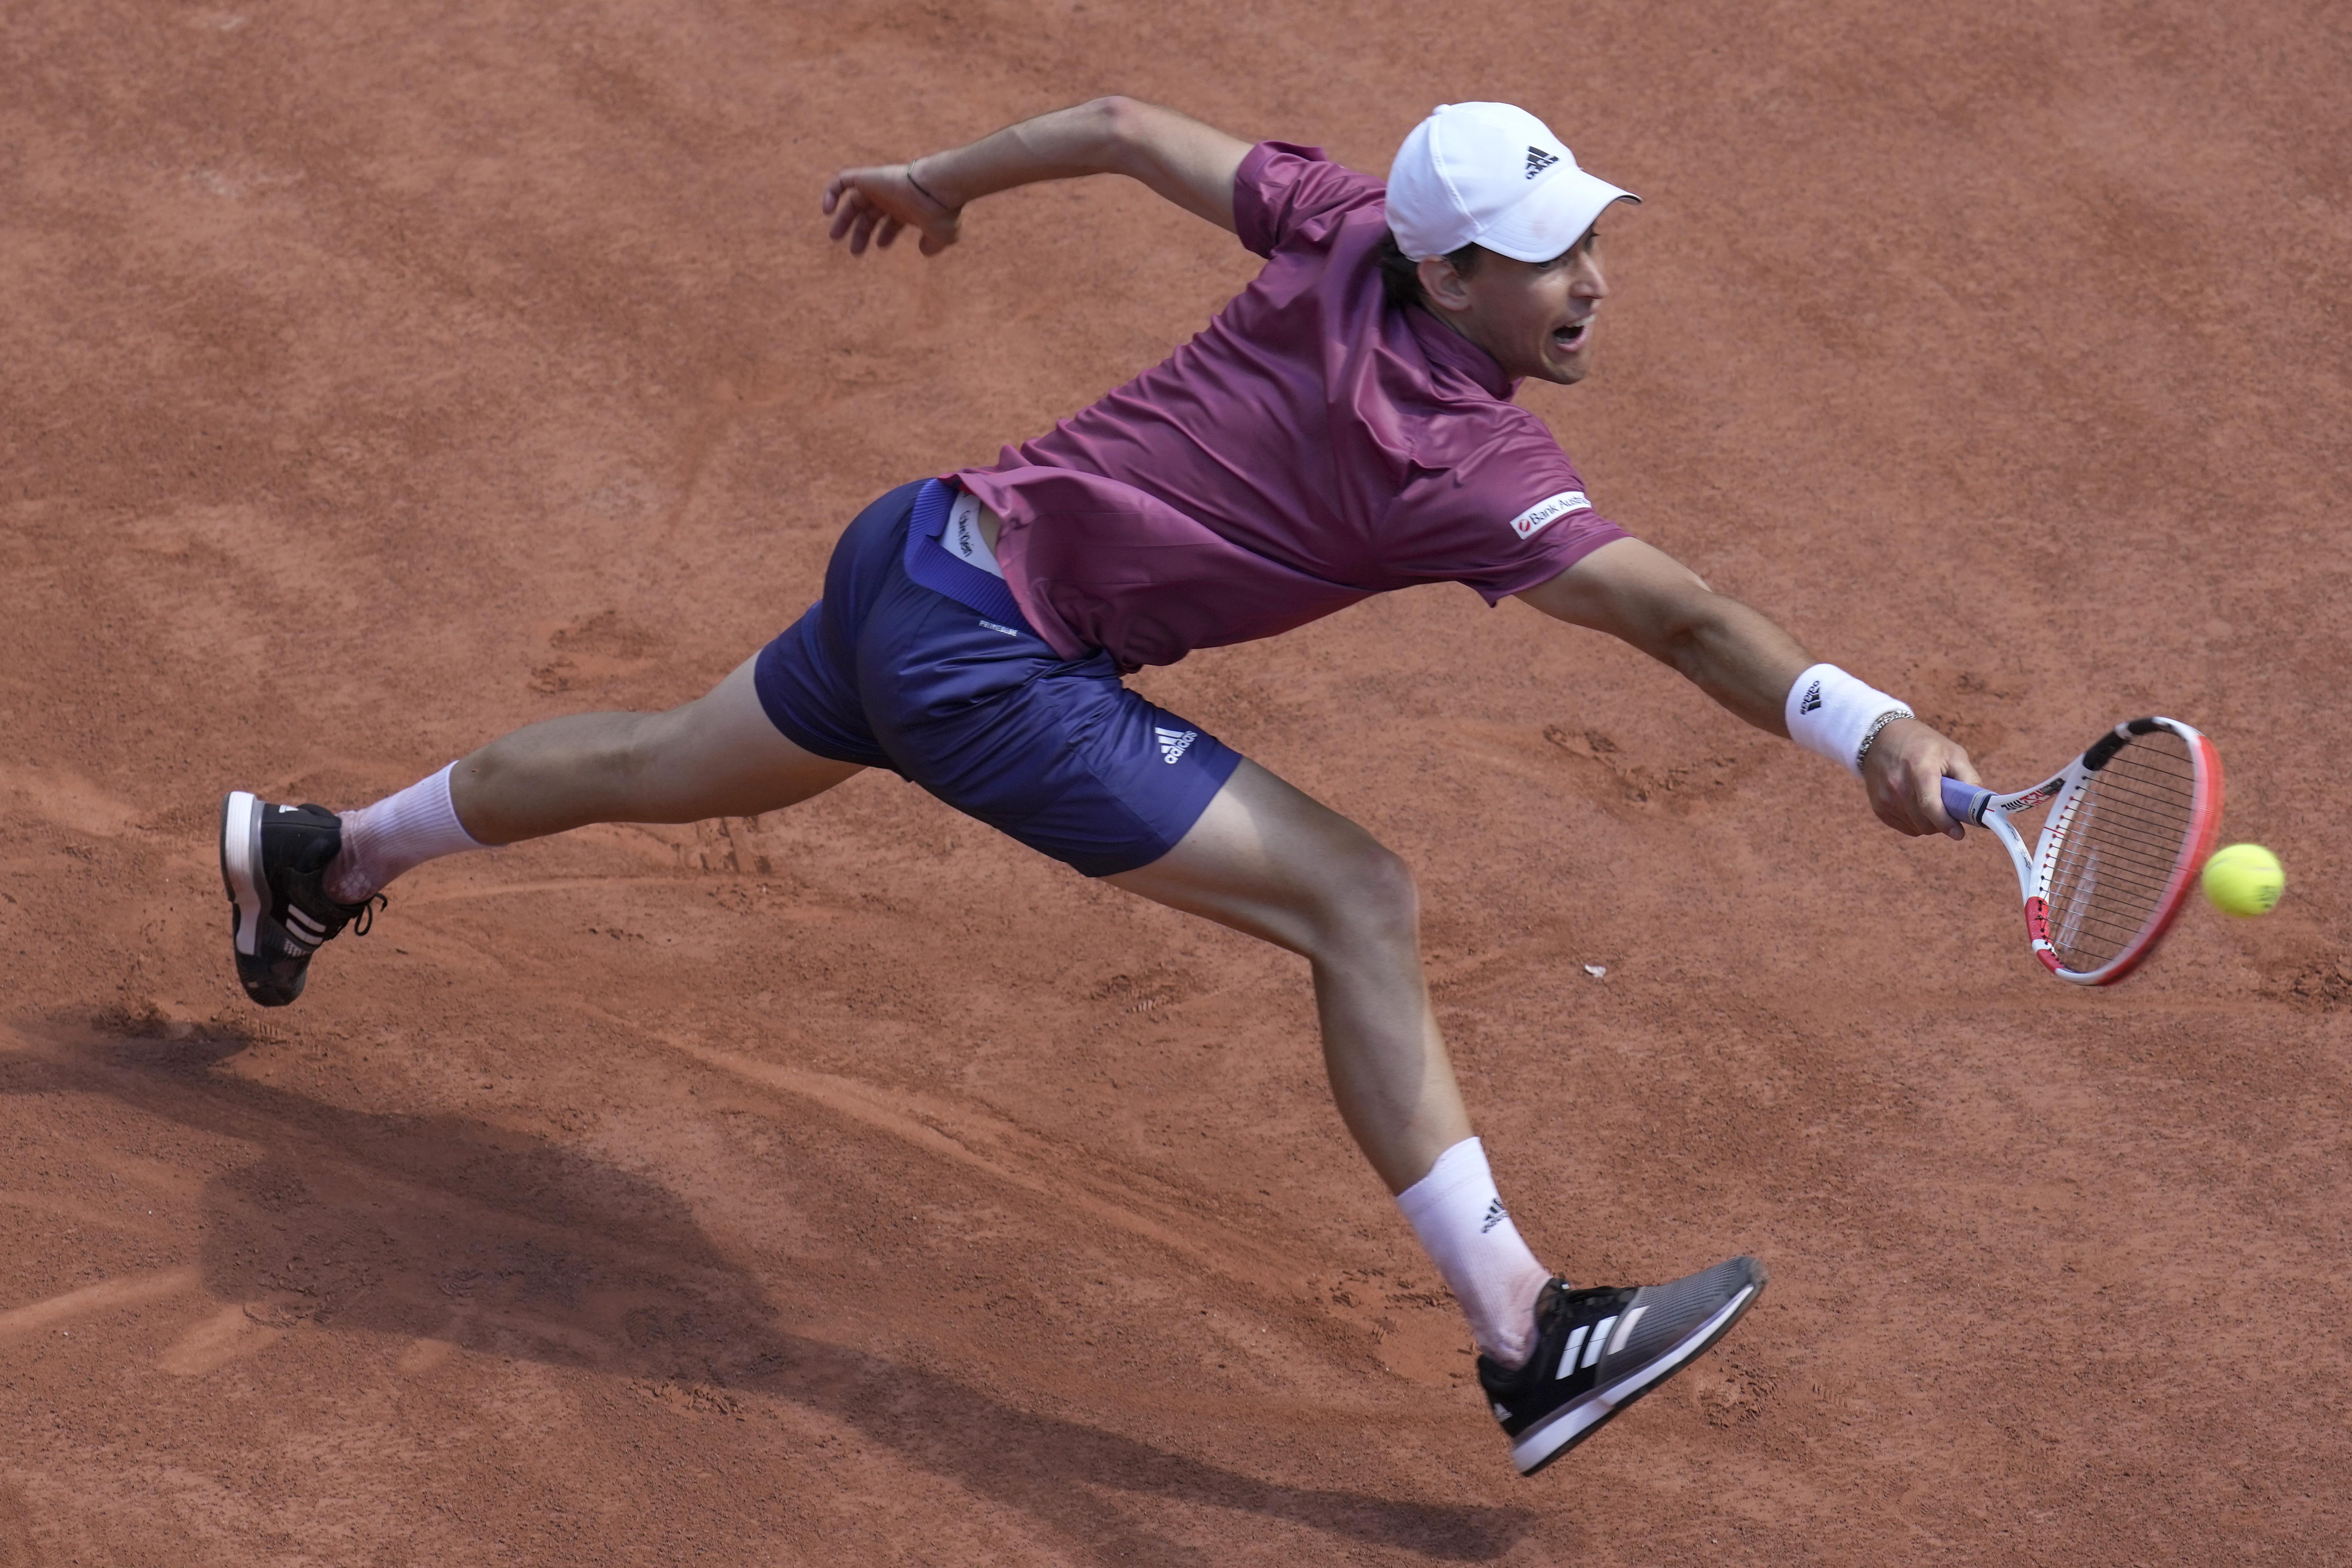 French Open 2021: Naomi Osaka's Win, Dominic Thiem's Loss Highlight Sunday Results thumbnail